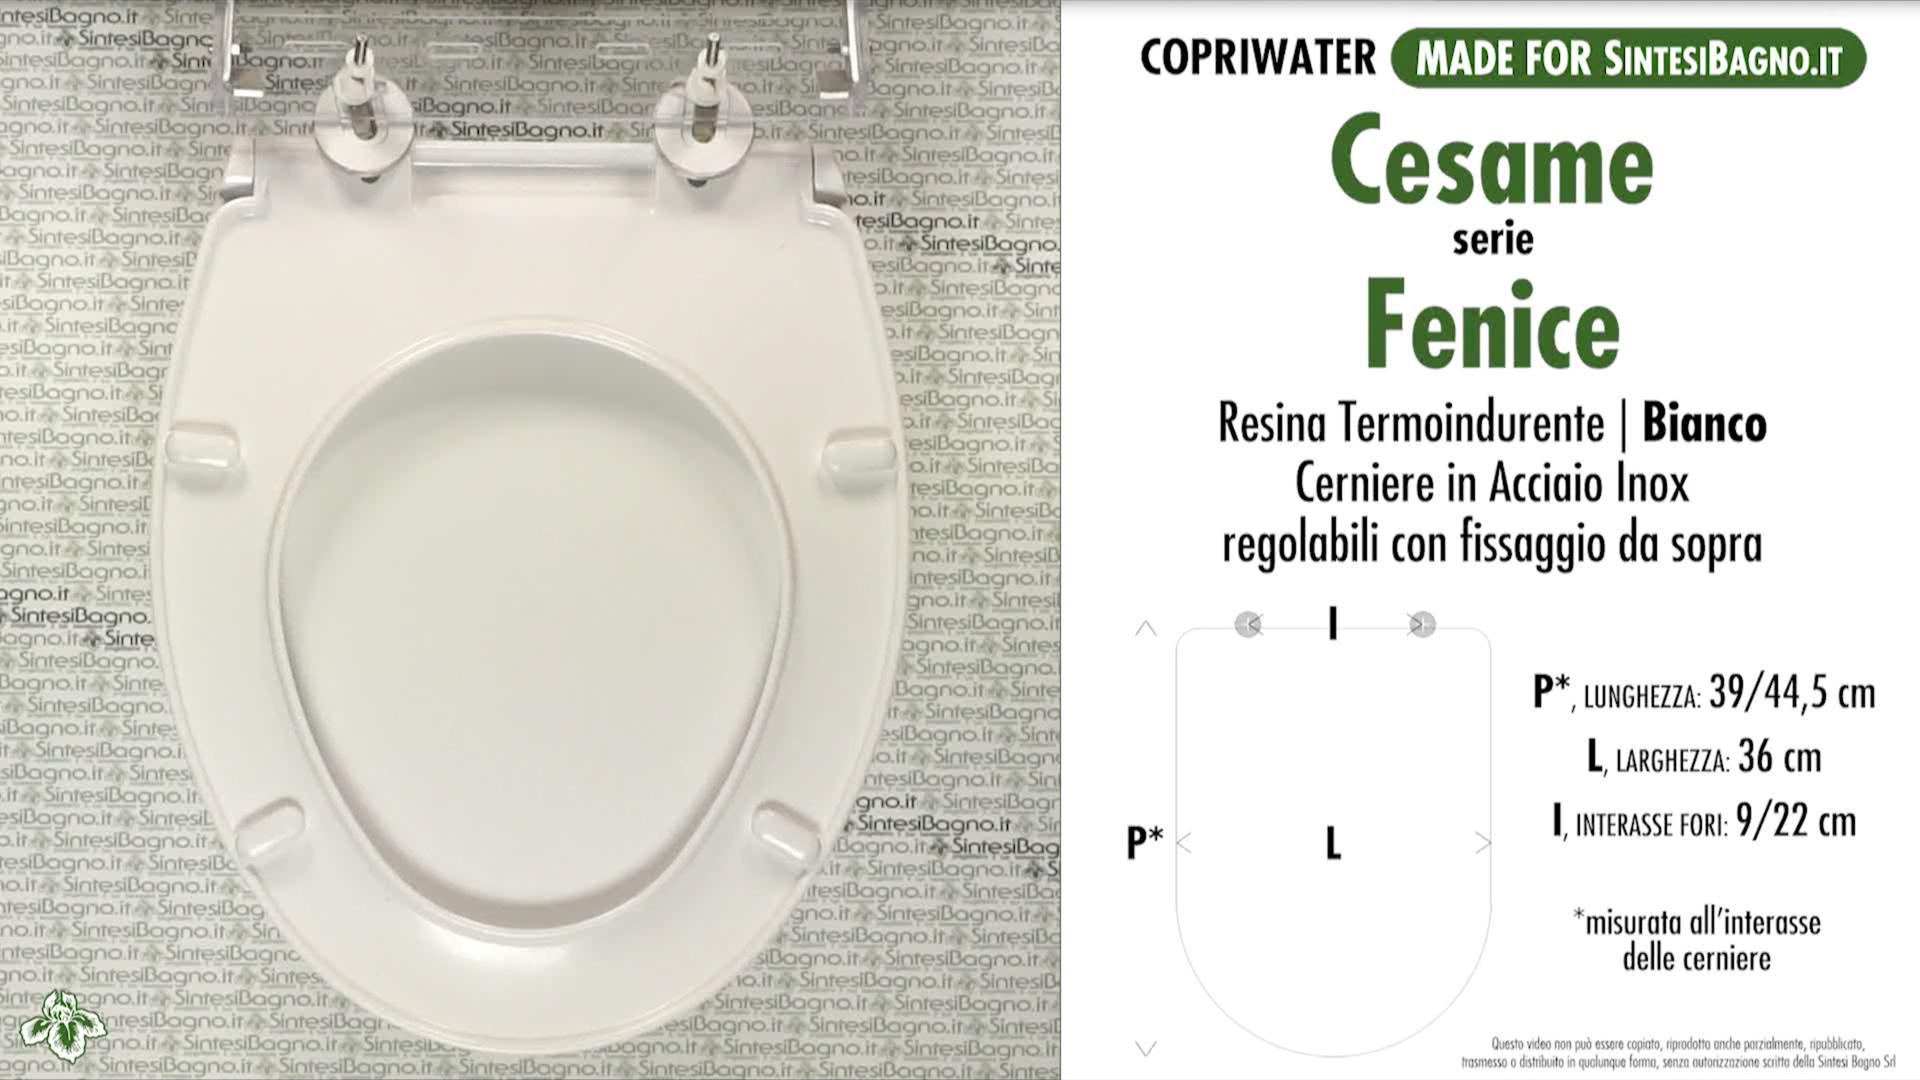 CHEDA TECNICA MISURE copriwater CESAME FENICE